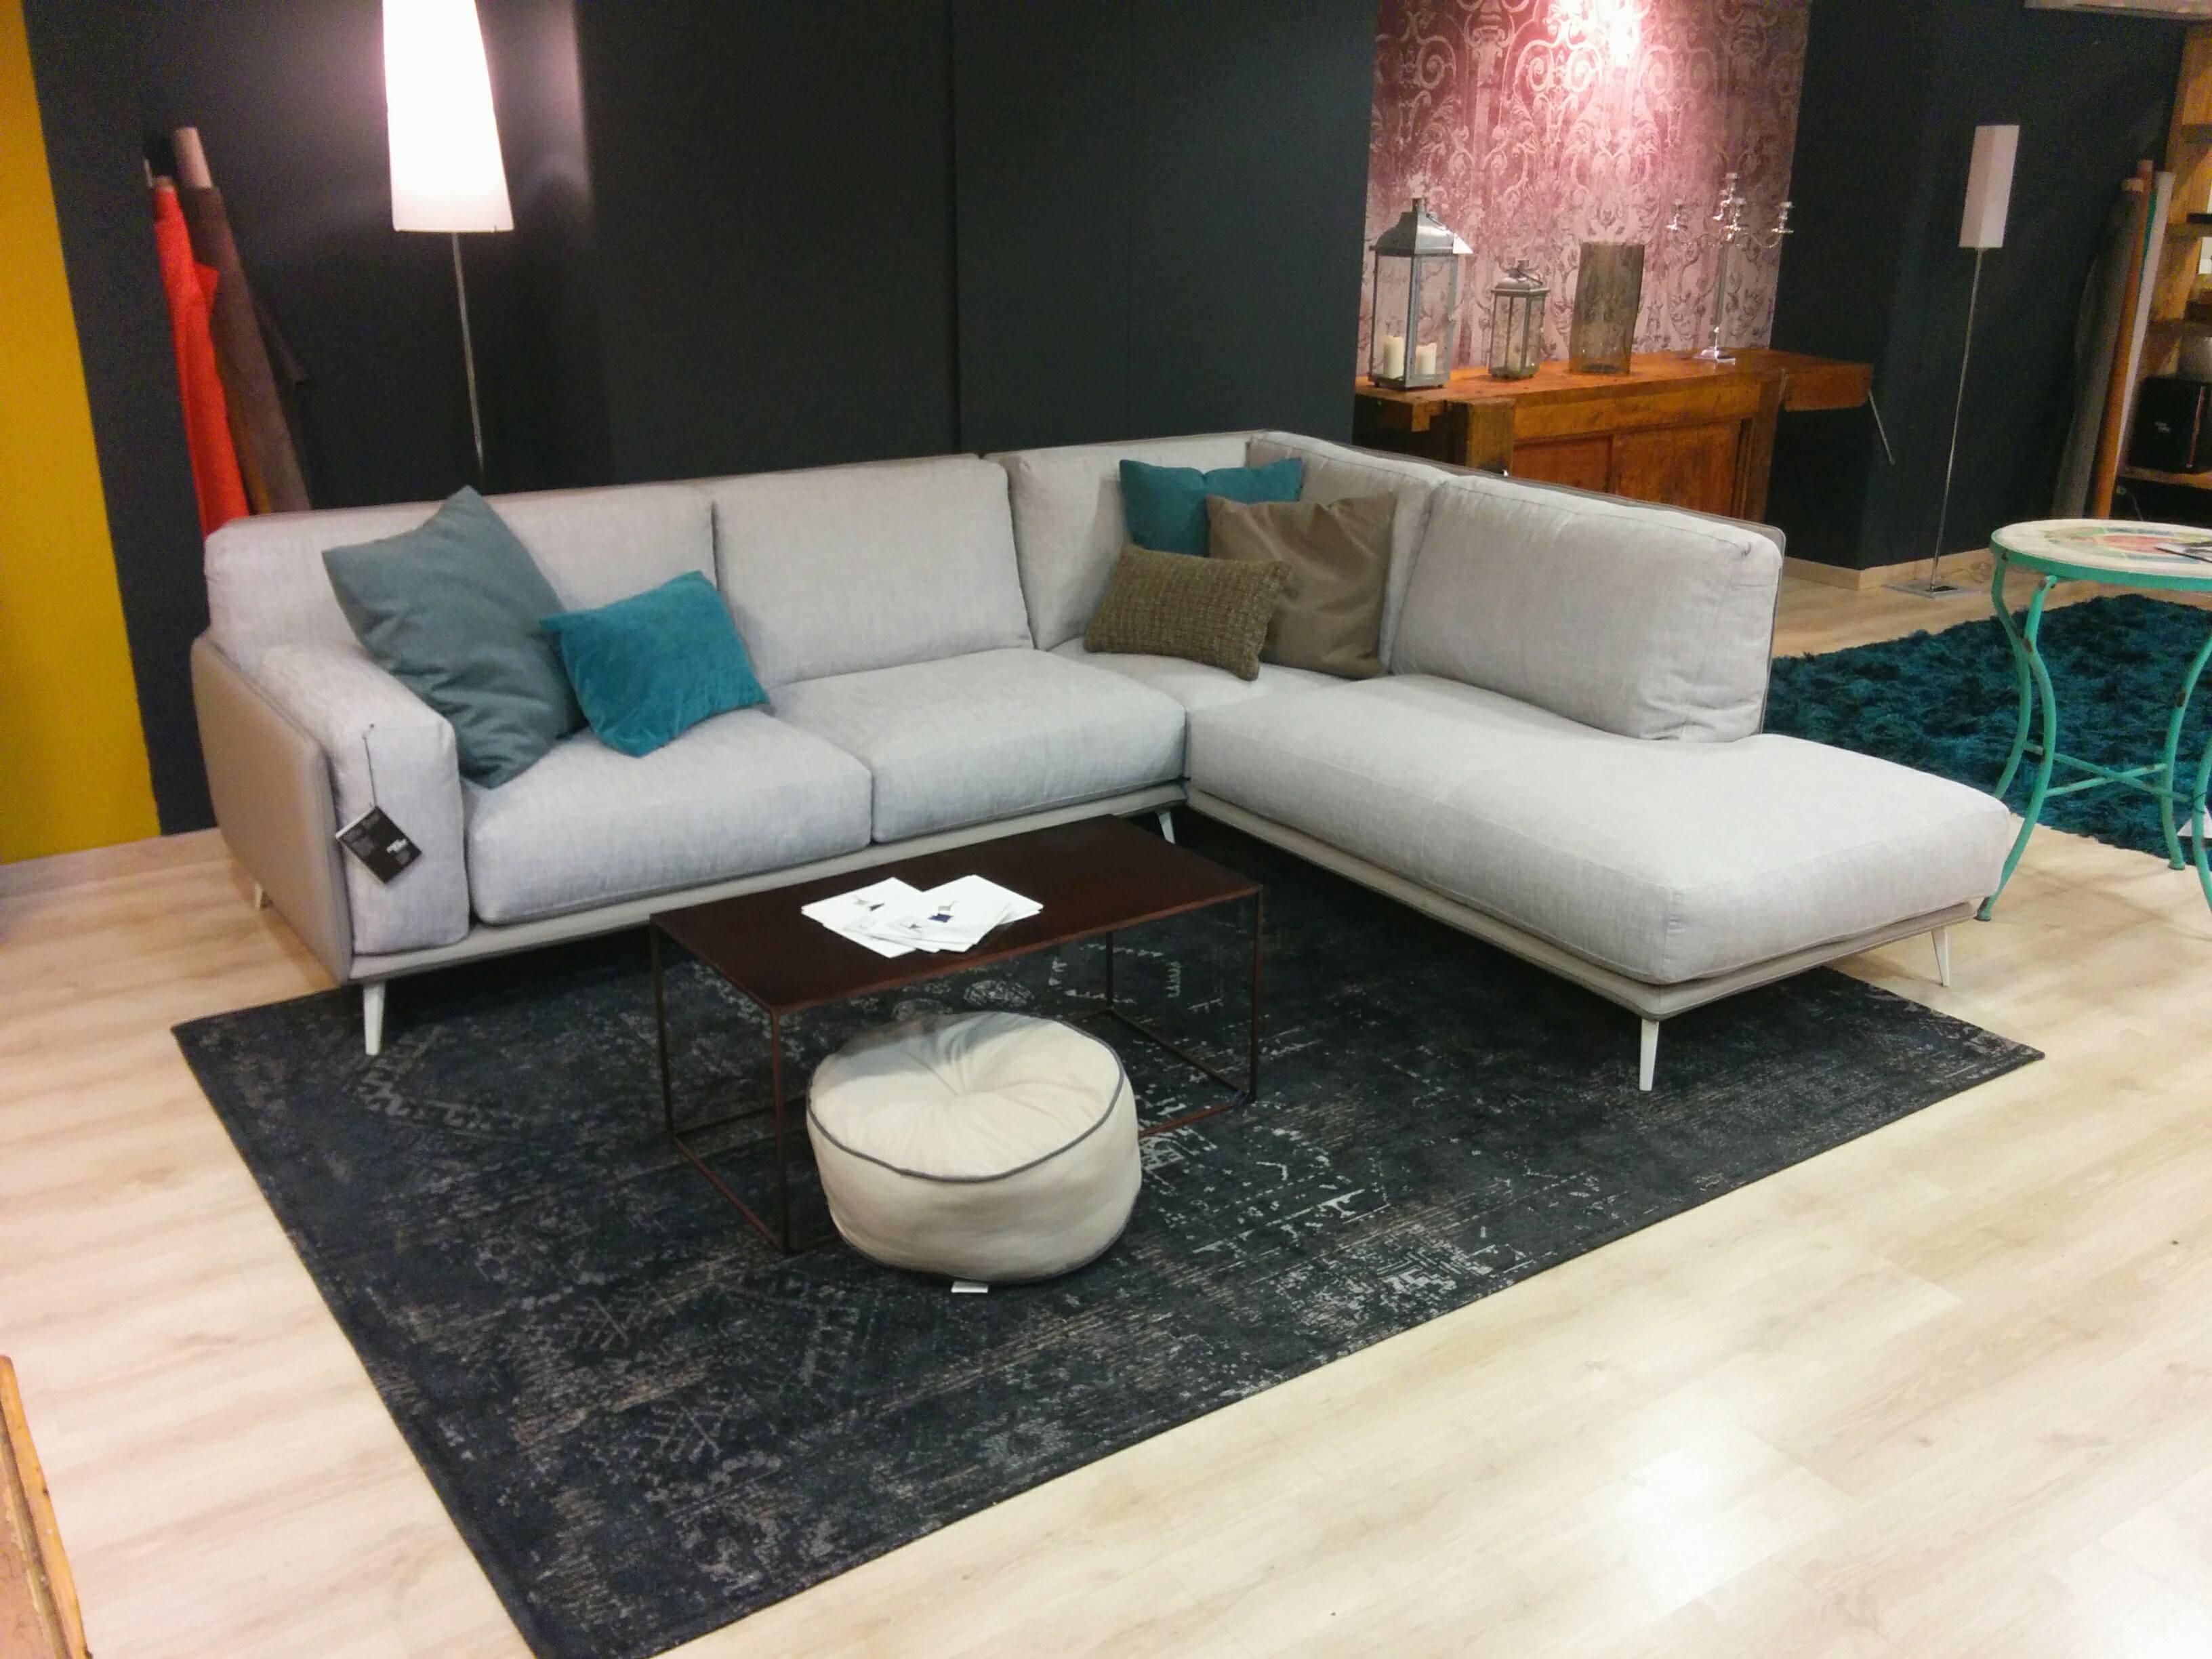 Offerta divano ditre italia kris angolare pelle tessuto scontato del 35 divani a prezzi scontati - Divano pelle o tessuto ...